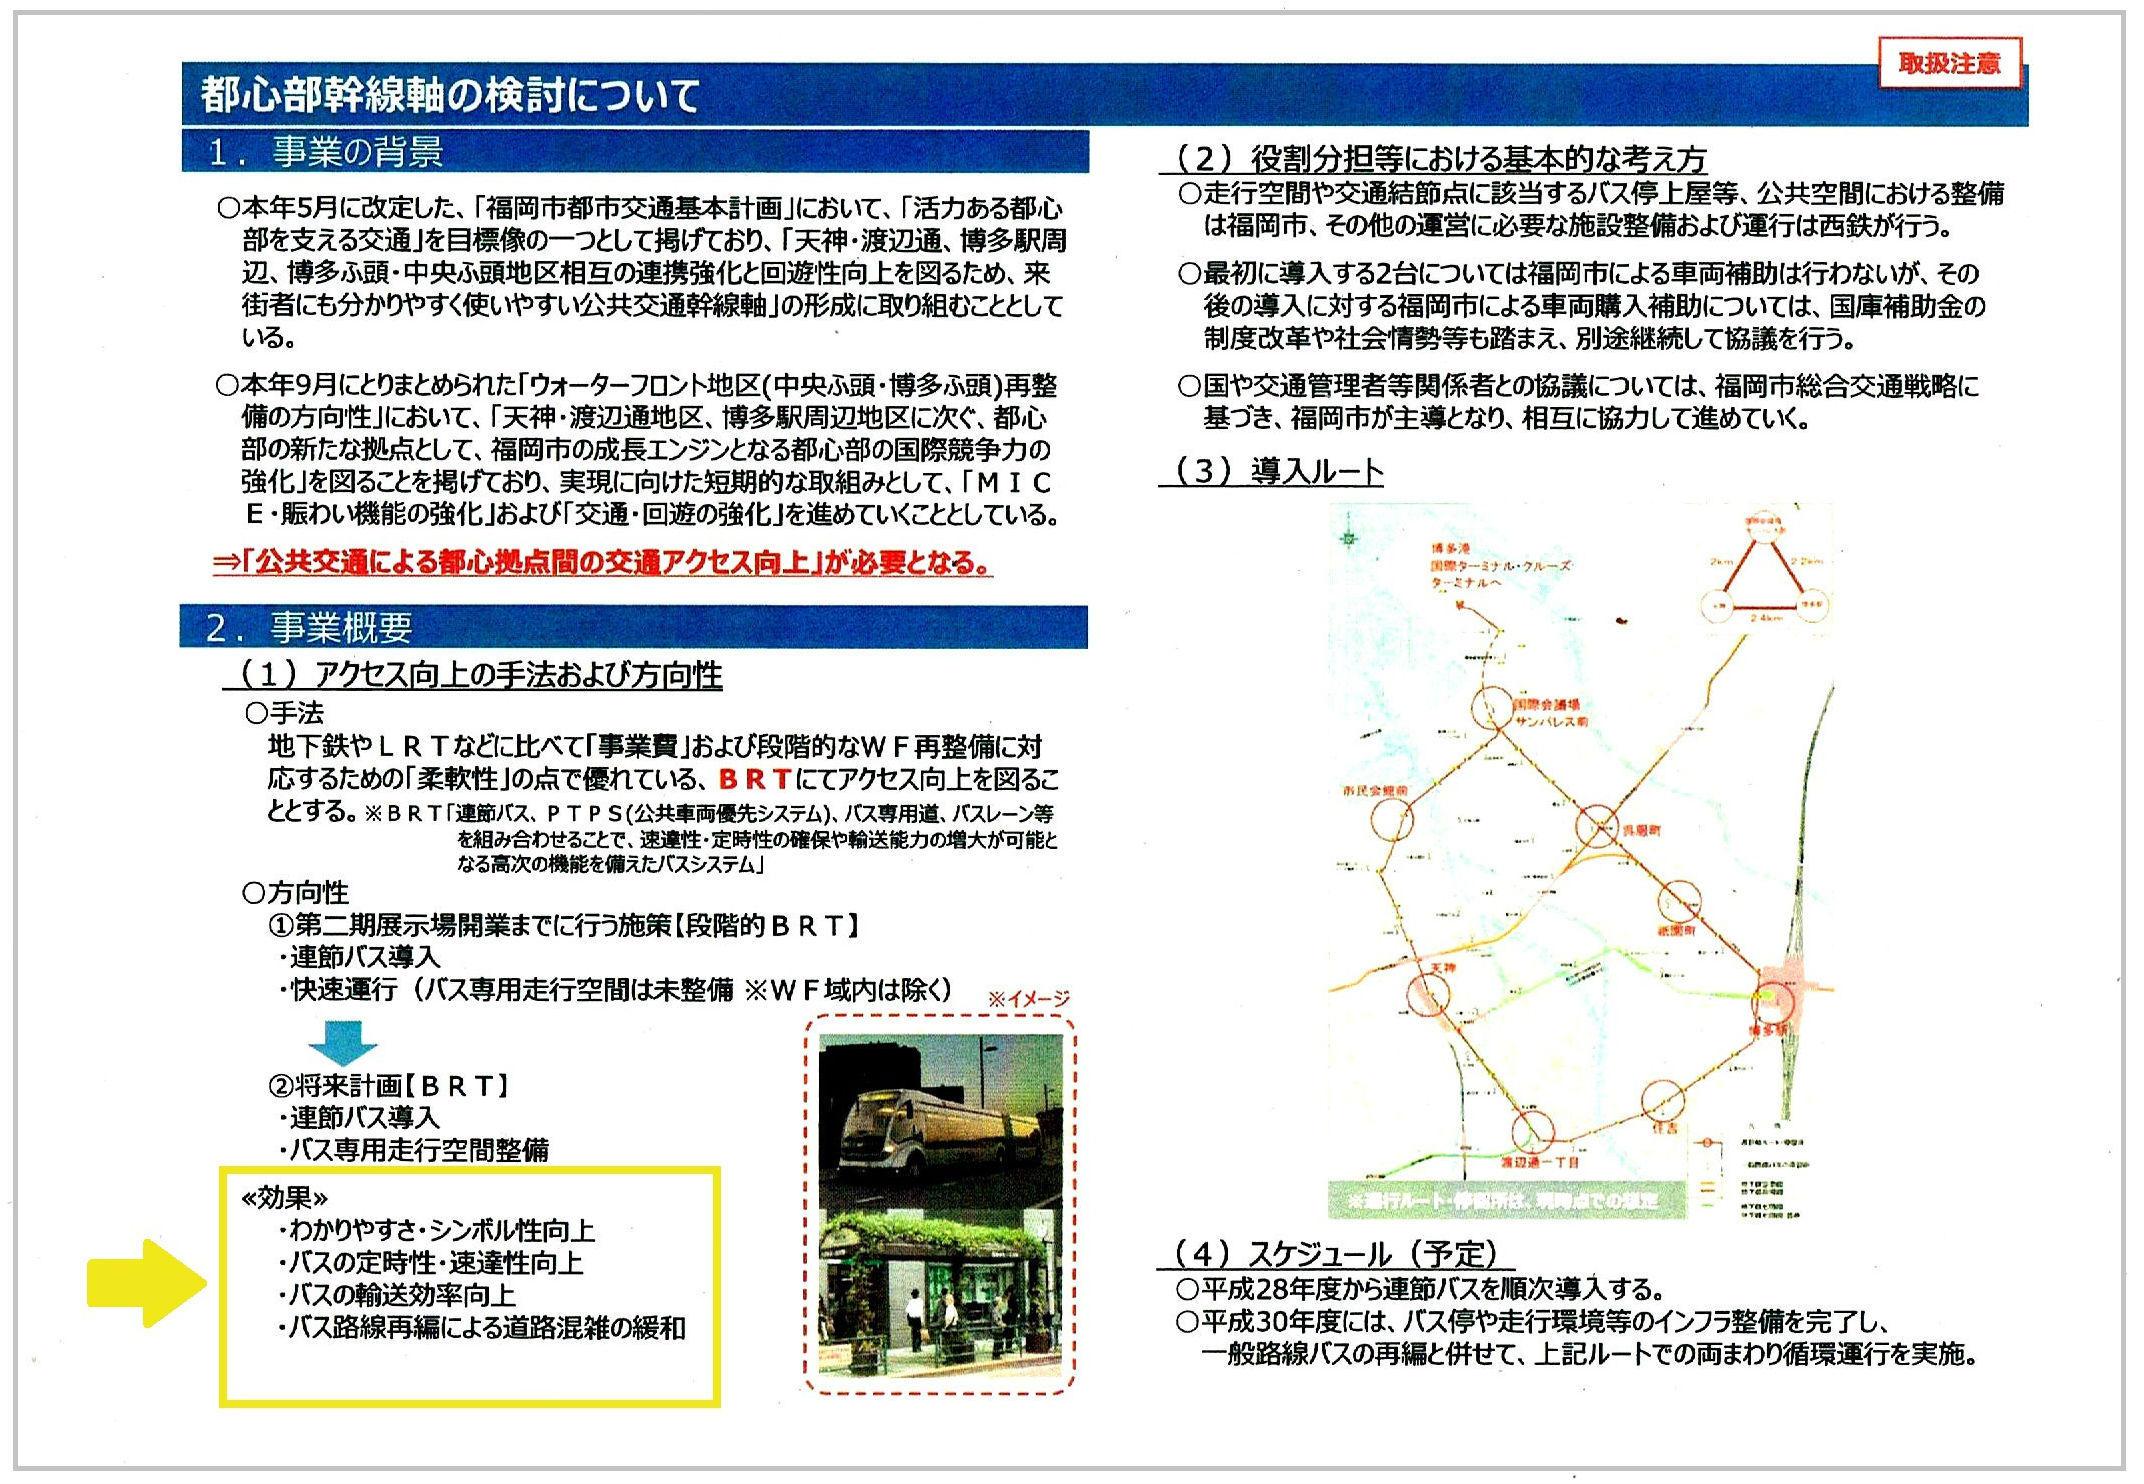 http://hunter-investigate.jp/news/e9139b19d76037f80326dec99d89d7770481f5b9.jpg